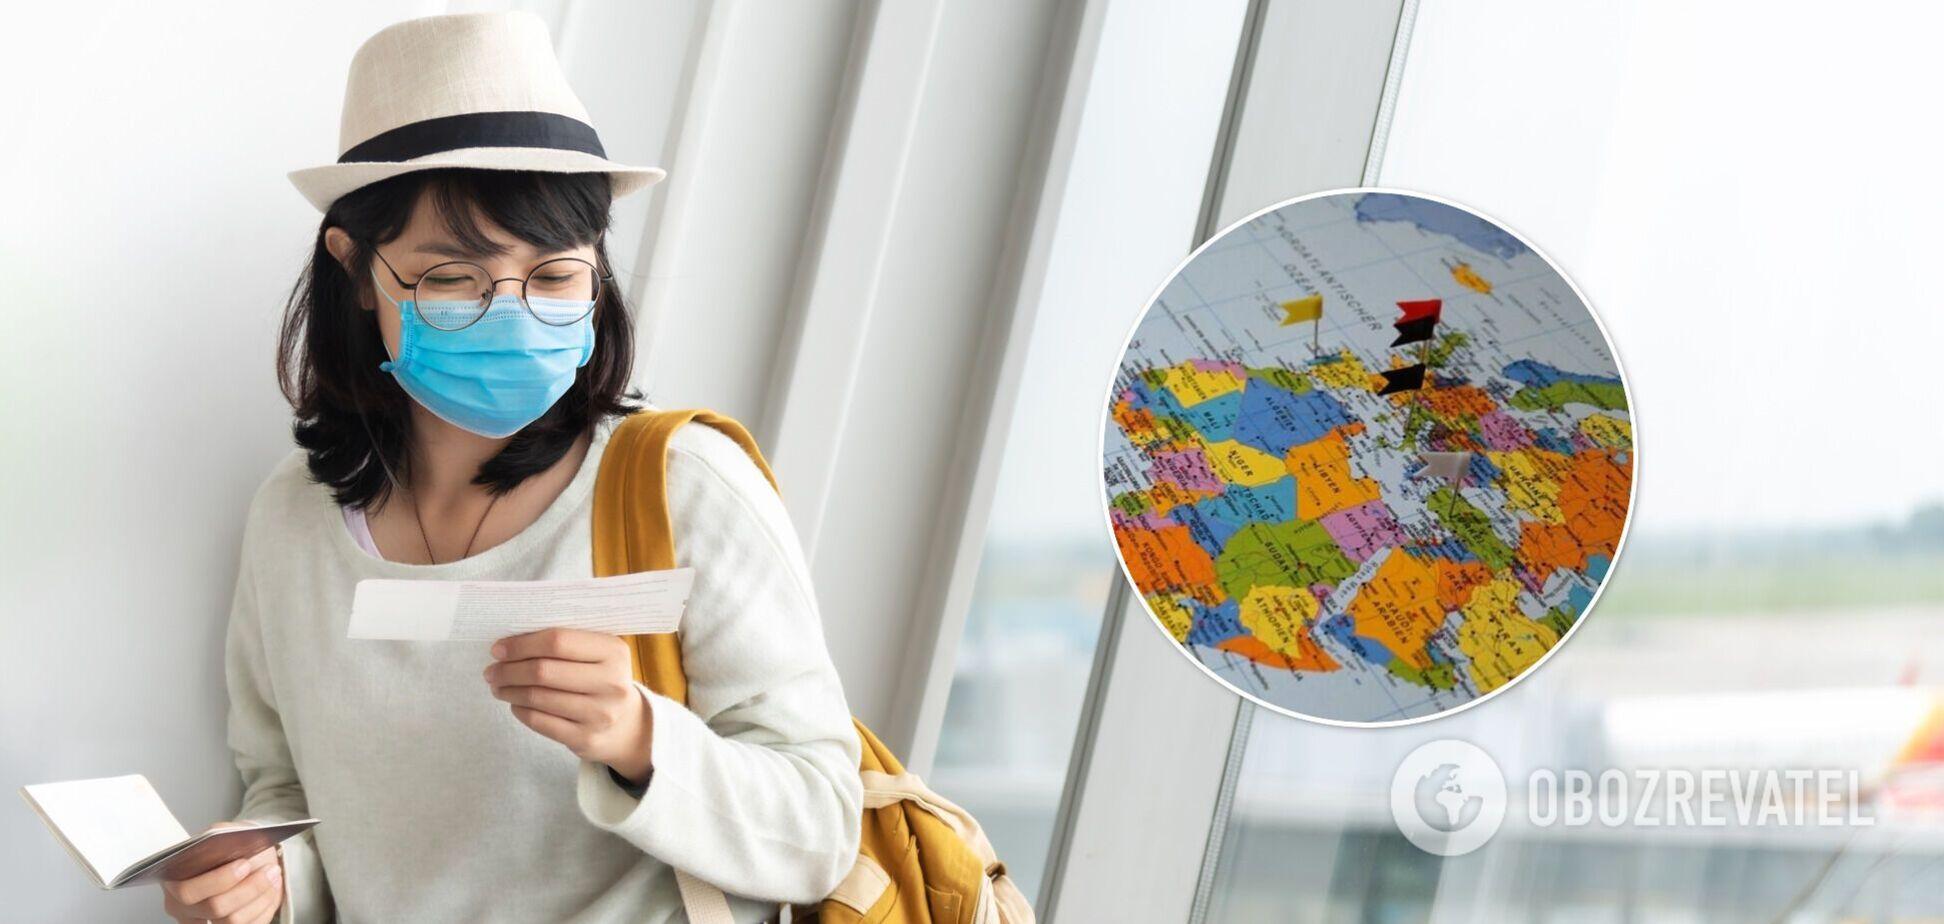 Німеччина відкрила в'їзд для туристів із України та низки інших країн